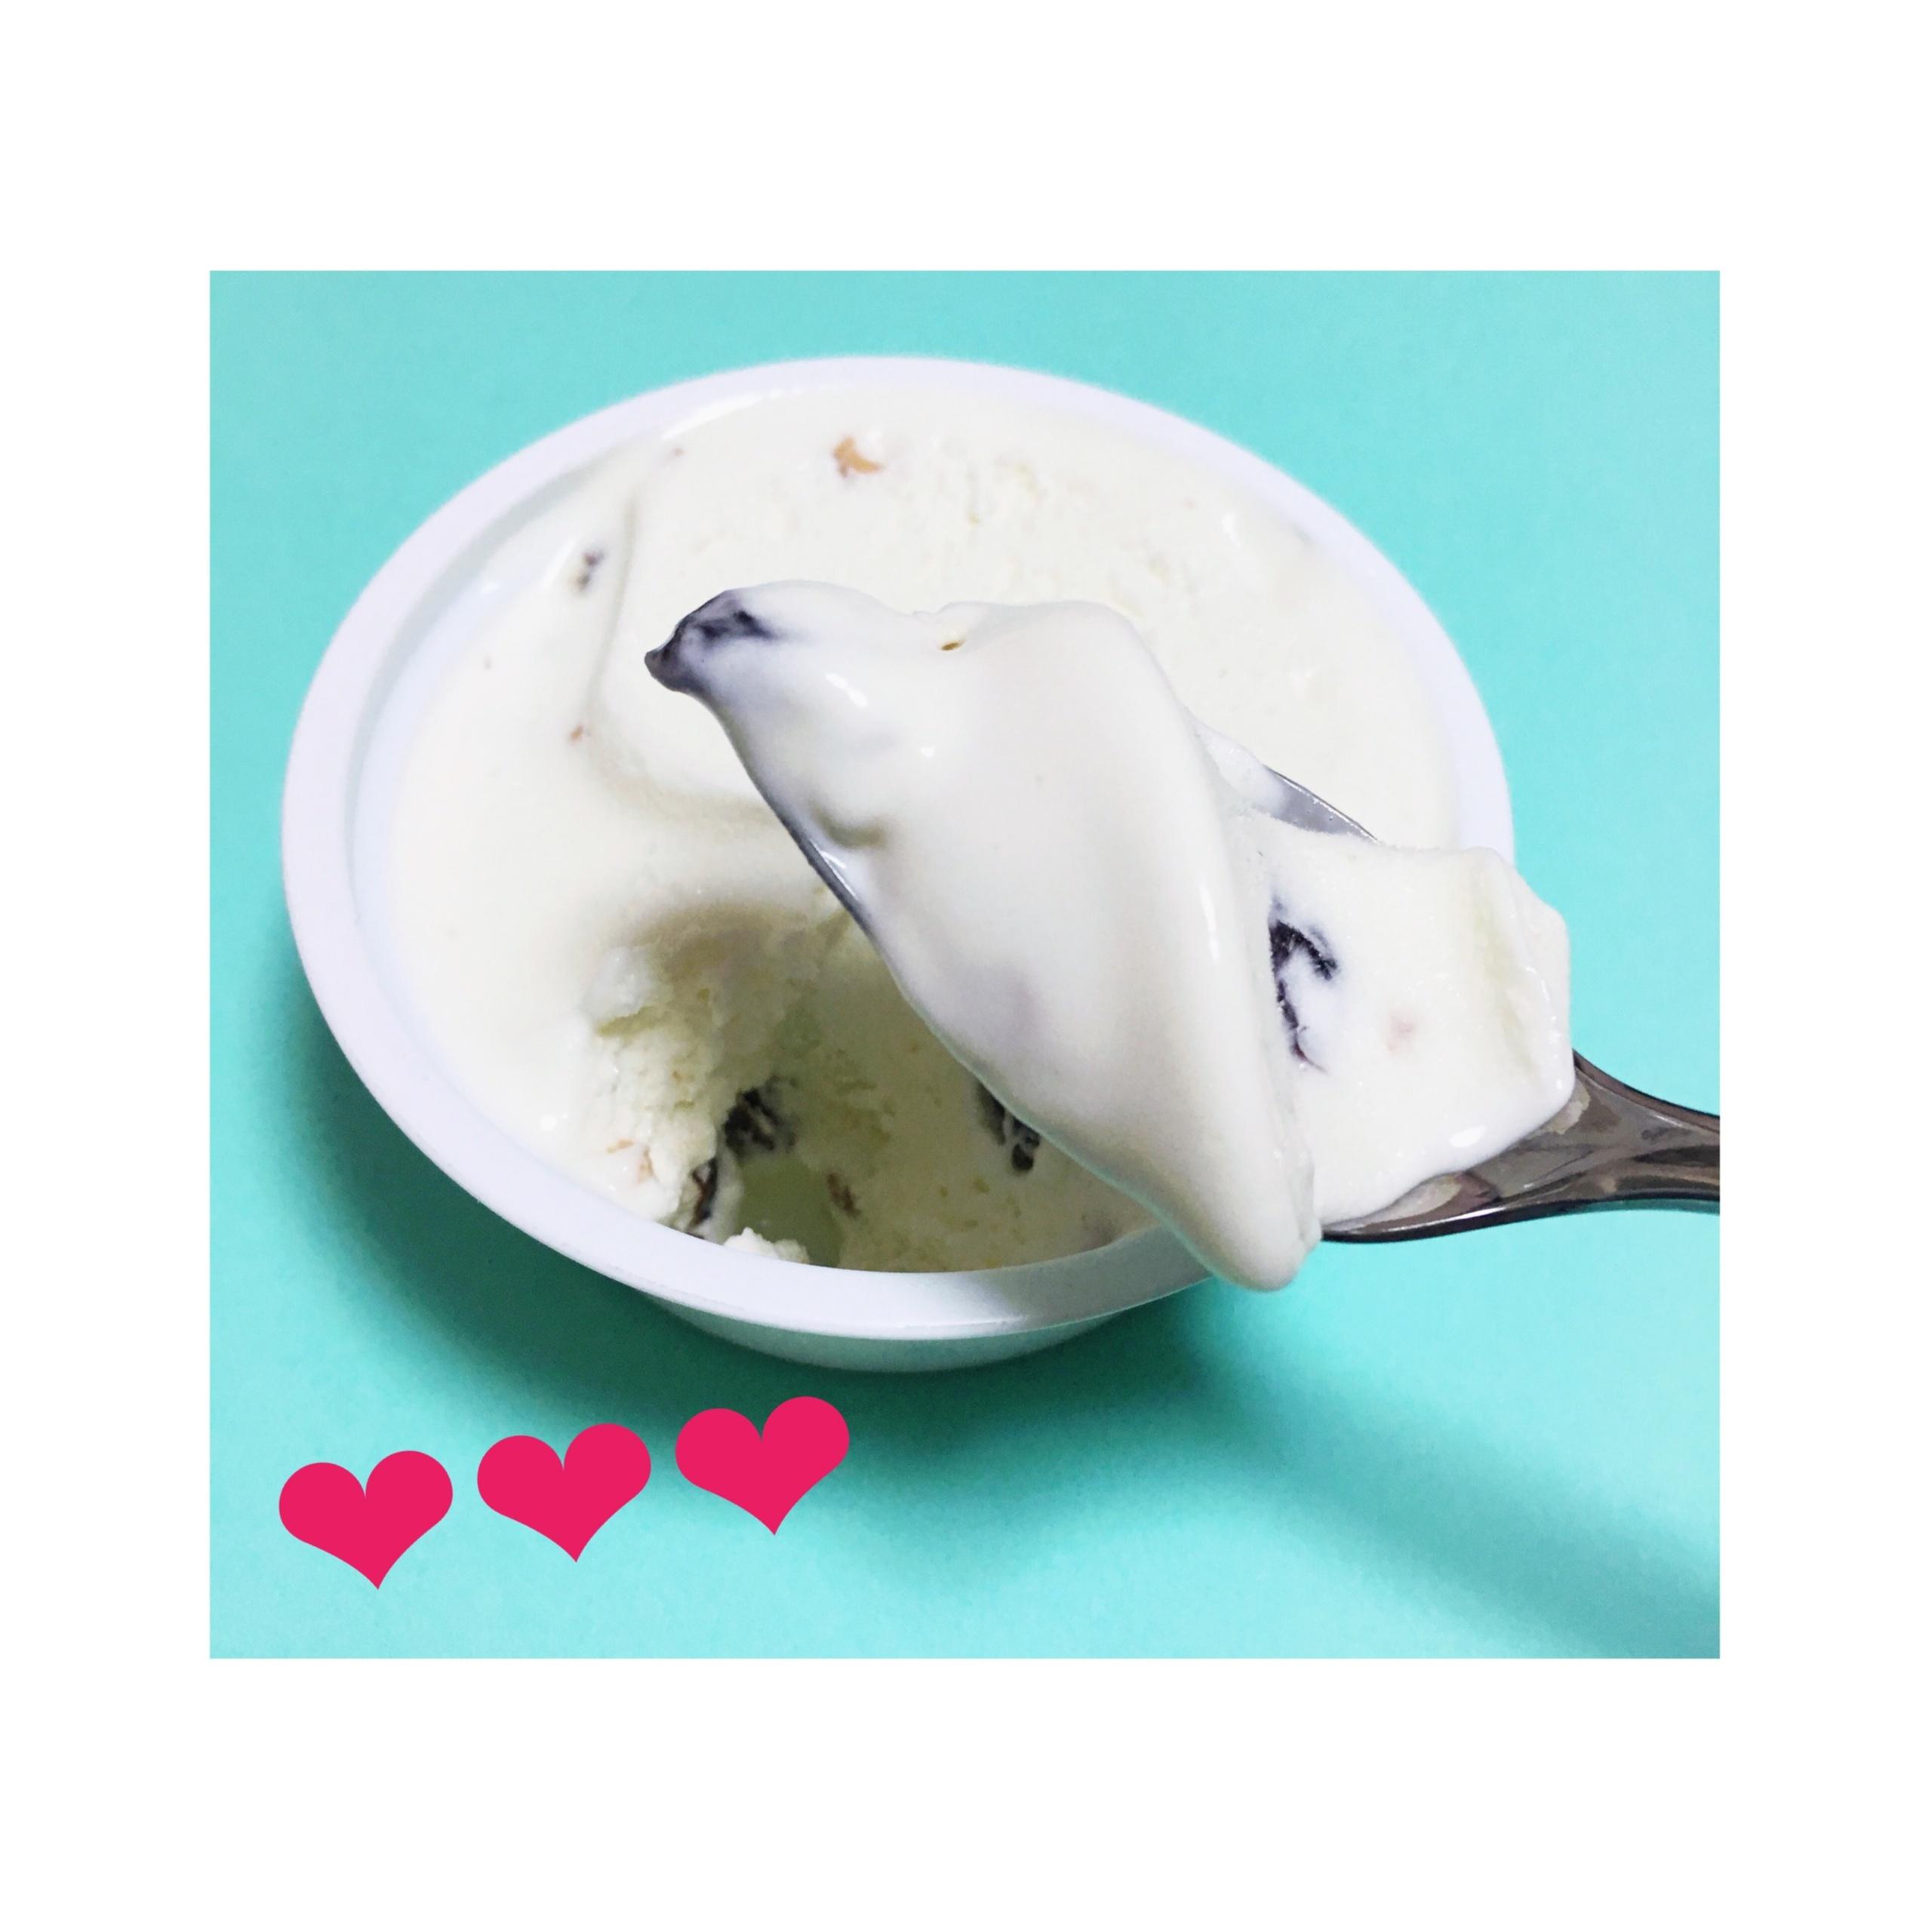 《11/28発売!LAWSON Uchi Cafe Sweets × kiriがコラボ★》【コンビニアイス】Cassata-ドライフルーツとナッツとチーズのアイス-がおいしい❤️_3